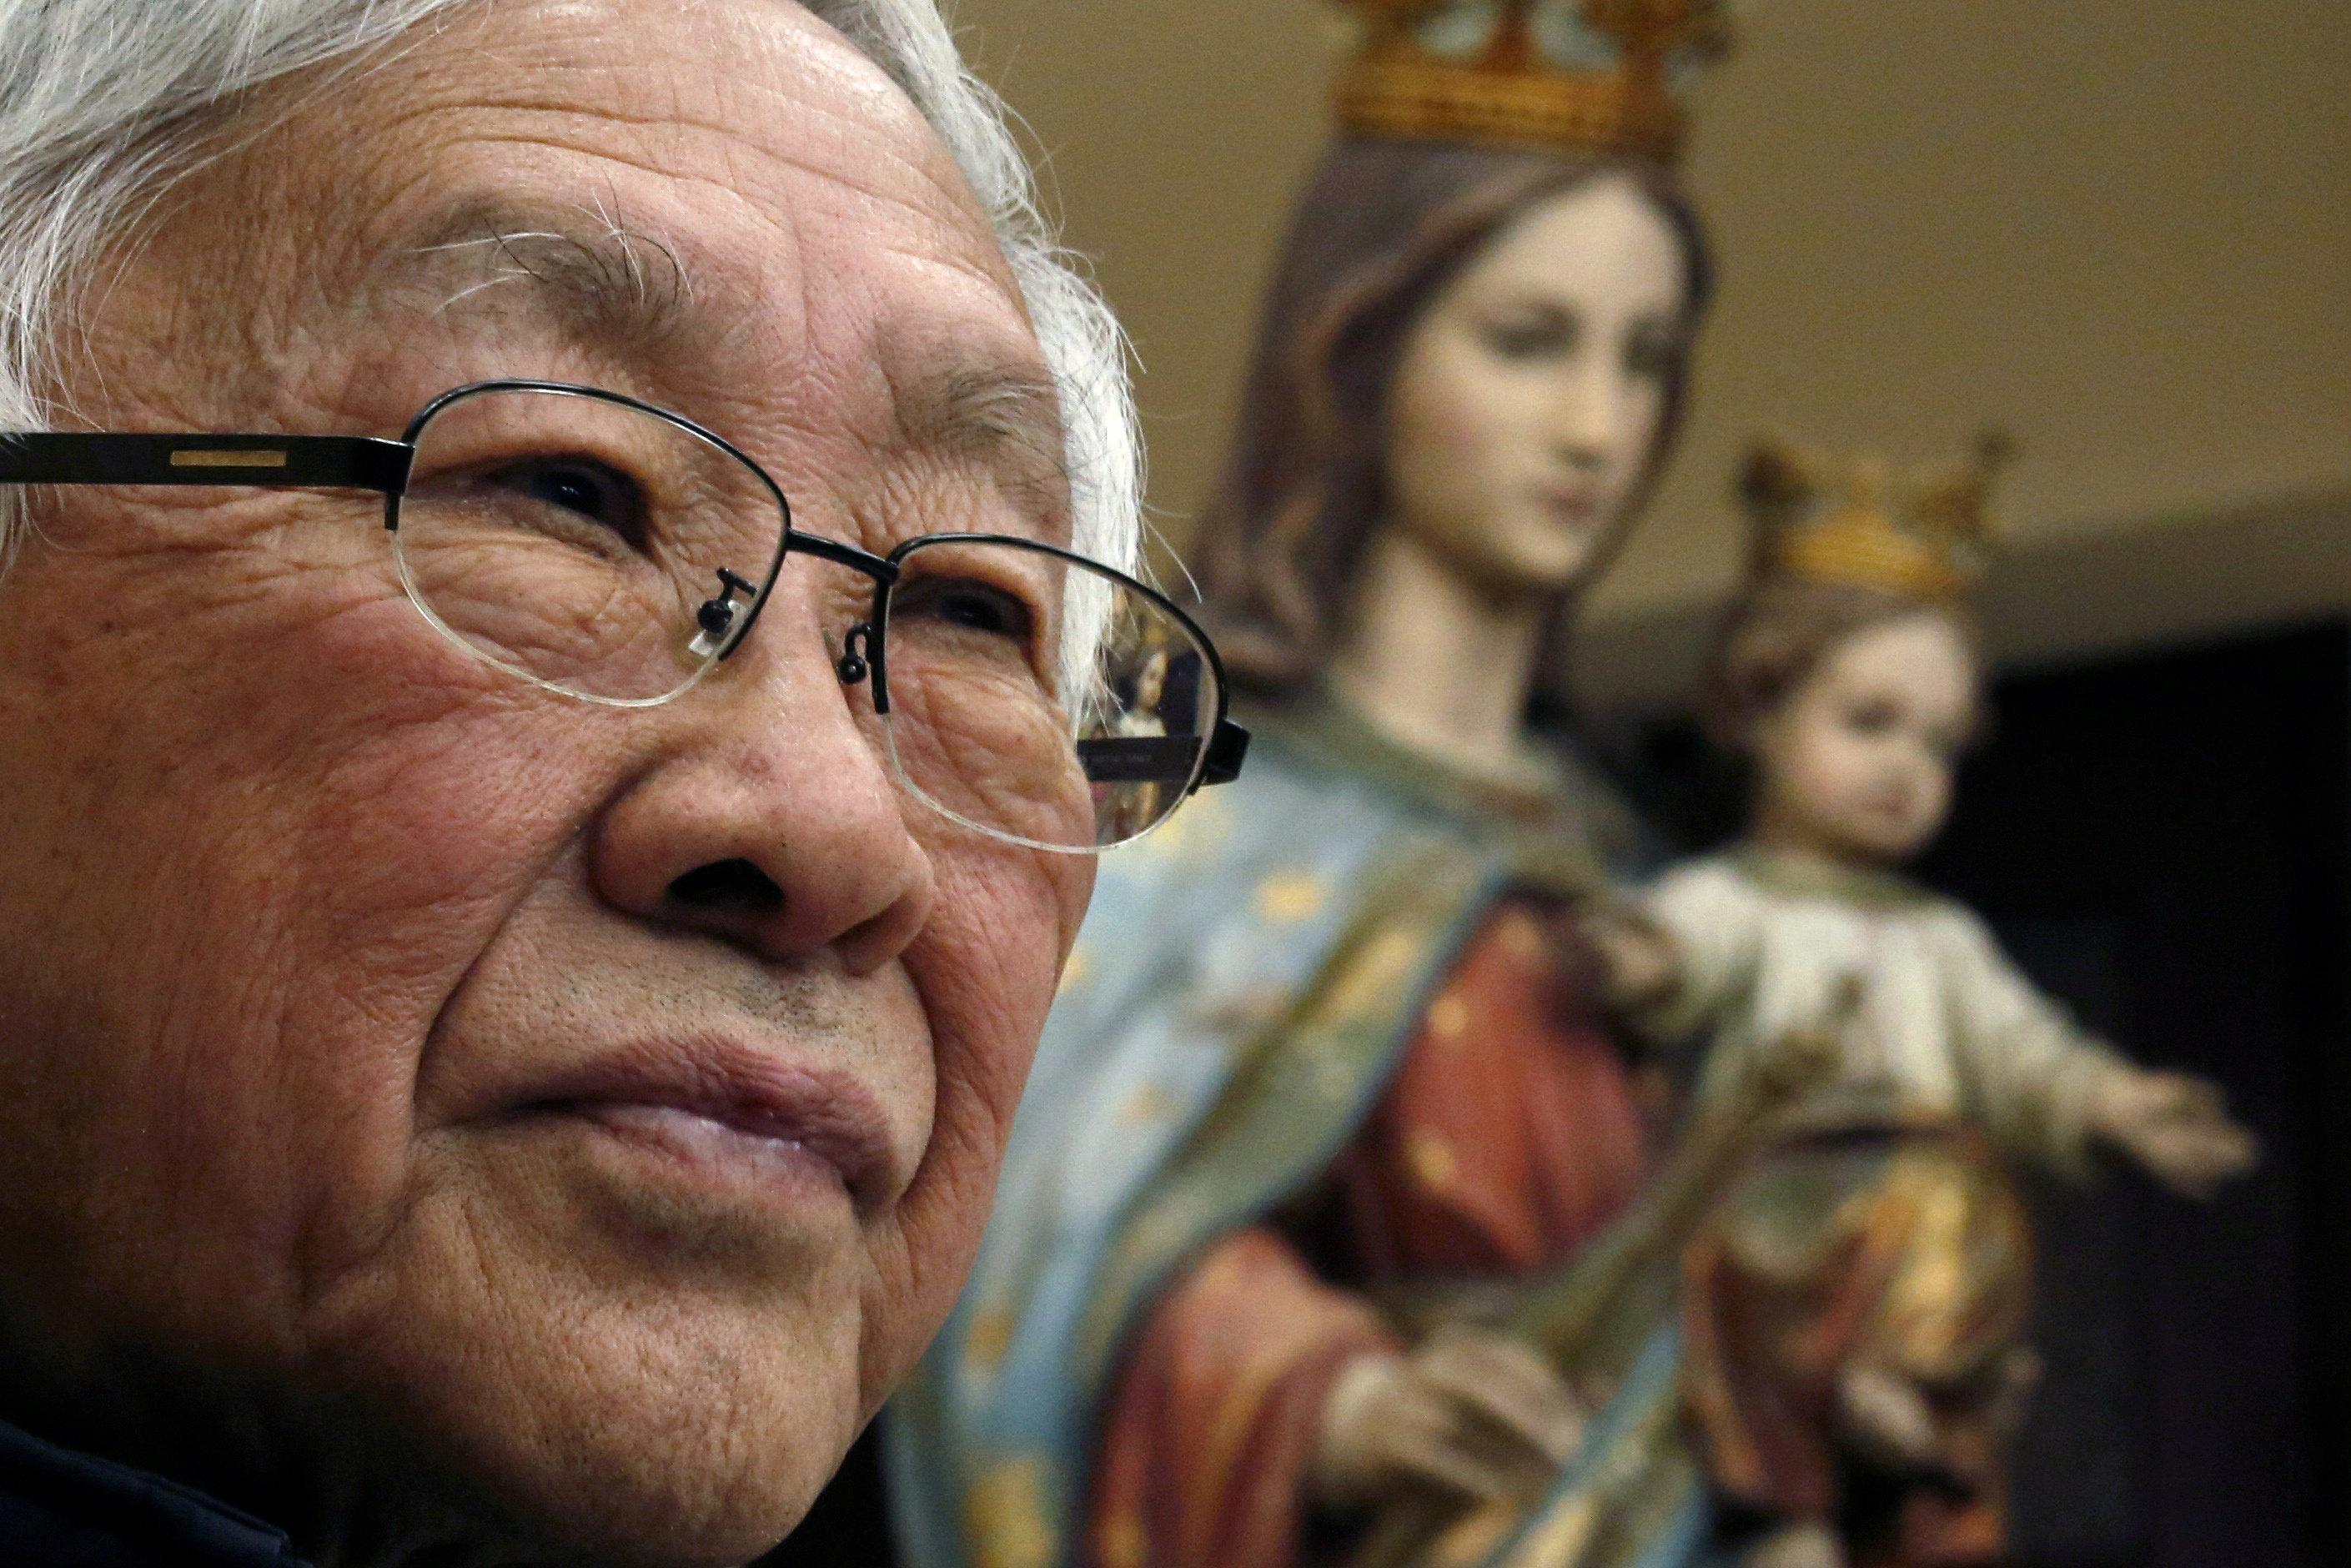 El cardenal Joseph Zen Ze-kiun, obispo de Hong Kong desde 2002 a 2009